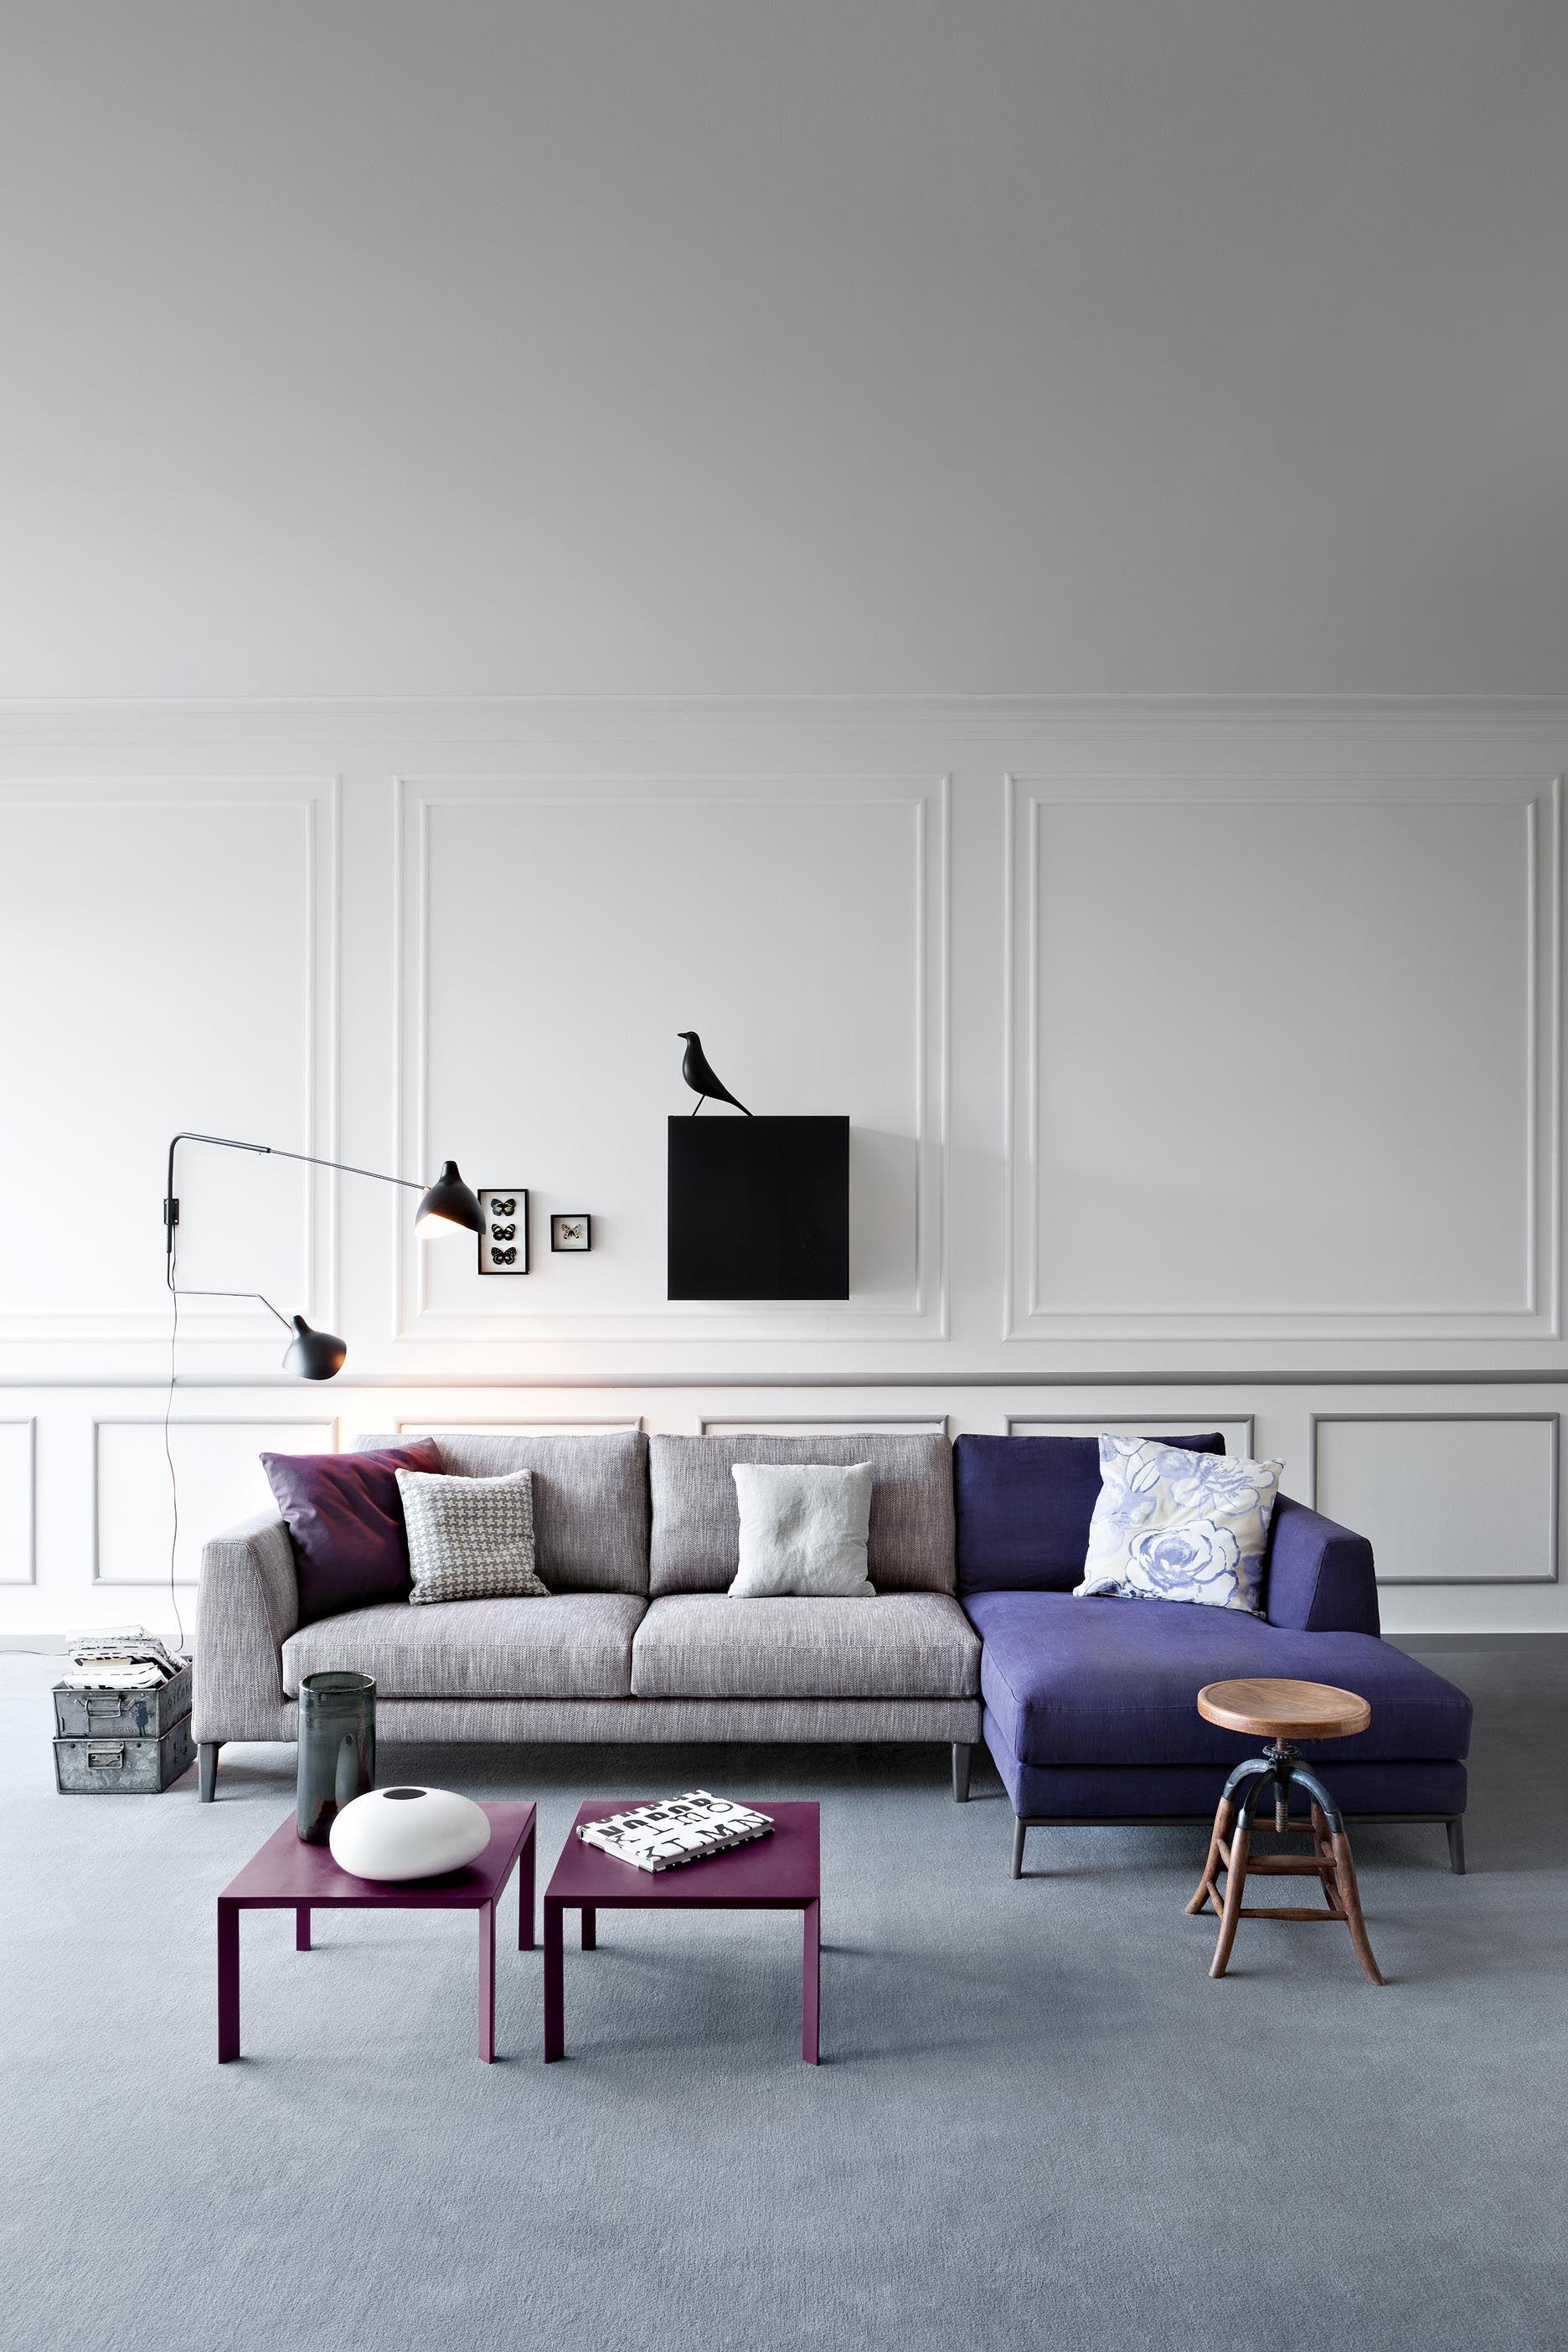 Un Canape Moderne En Gris Et Violet Belle Alliance De Contemporain Dans Une Piece Classique Modern Living In Classic Room Furniture Design Home Living Room Interior